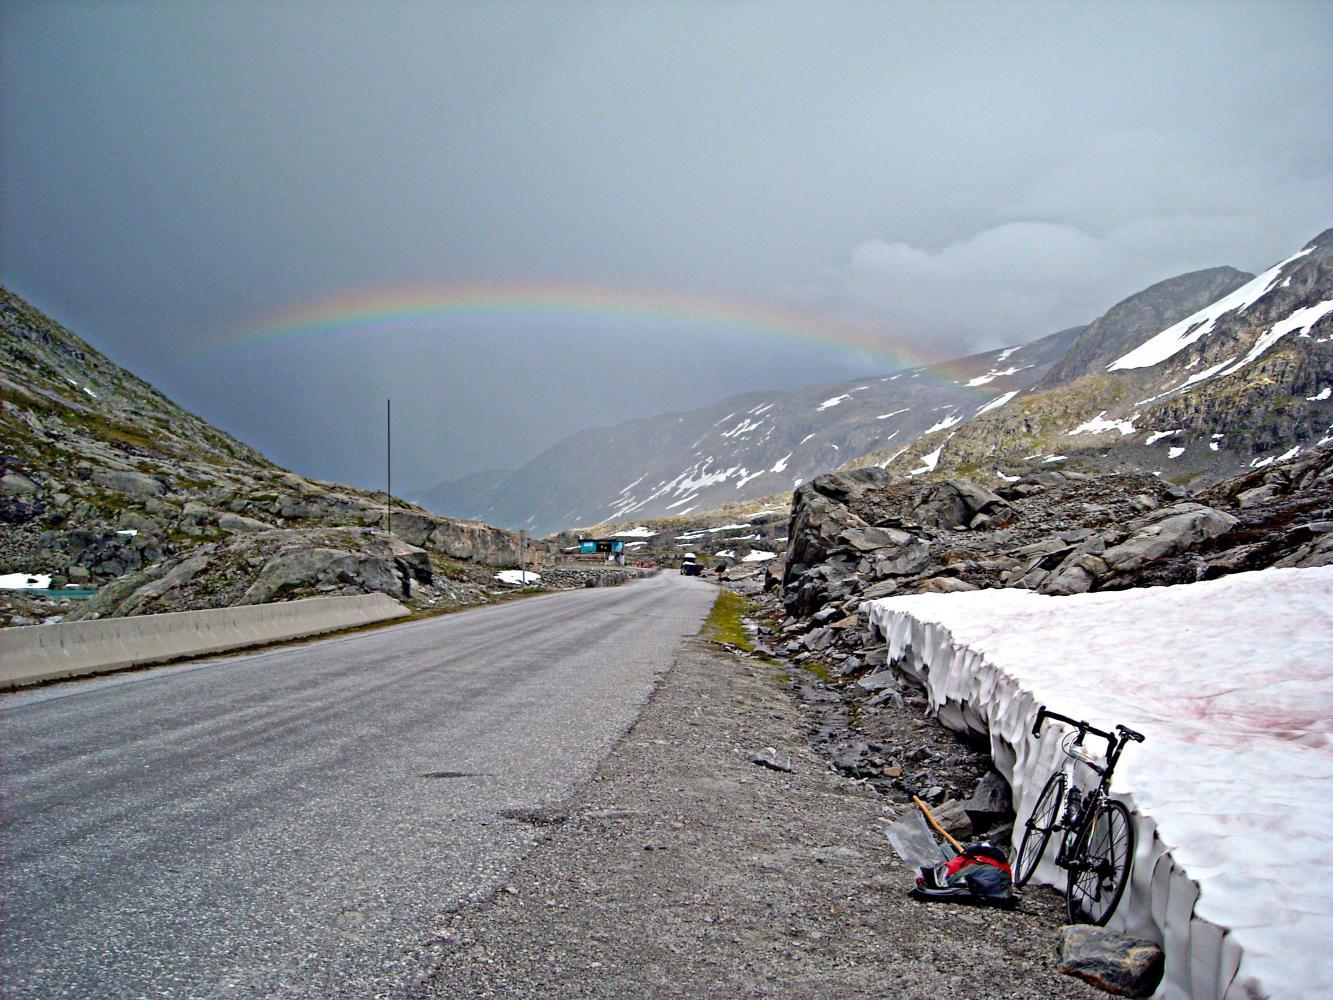 Opp Strynefjellet Bike Climb - PJAMM Cycling